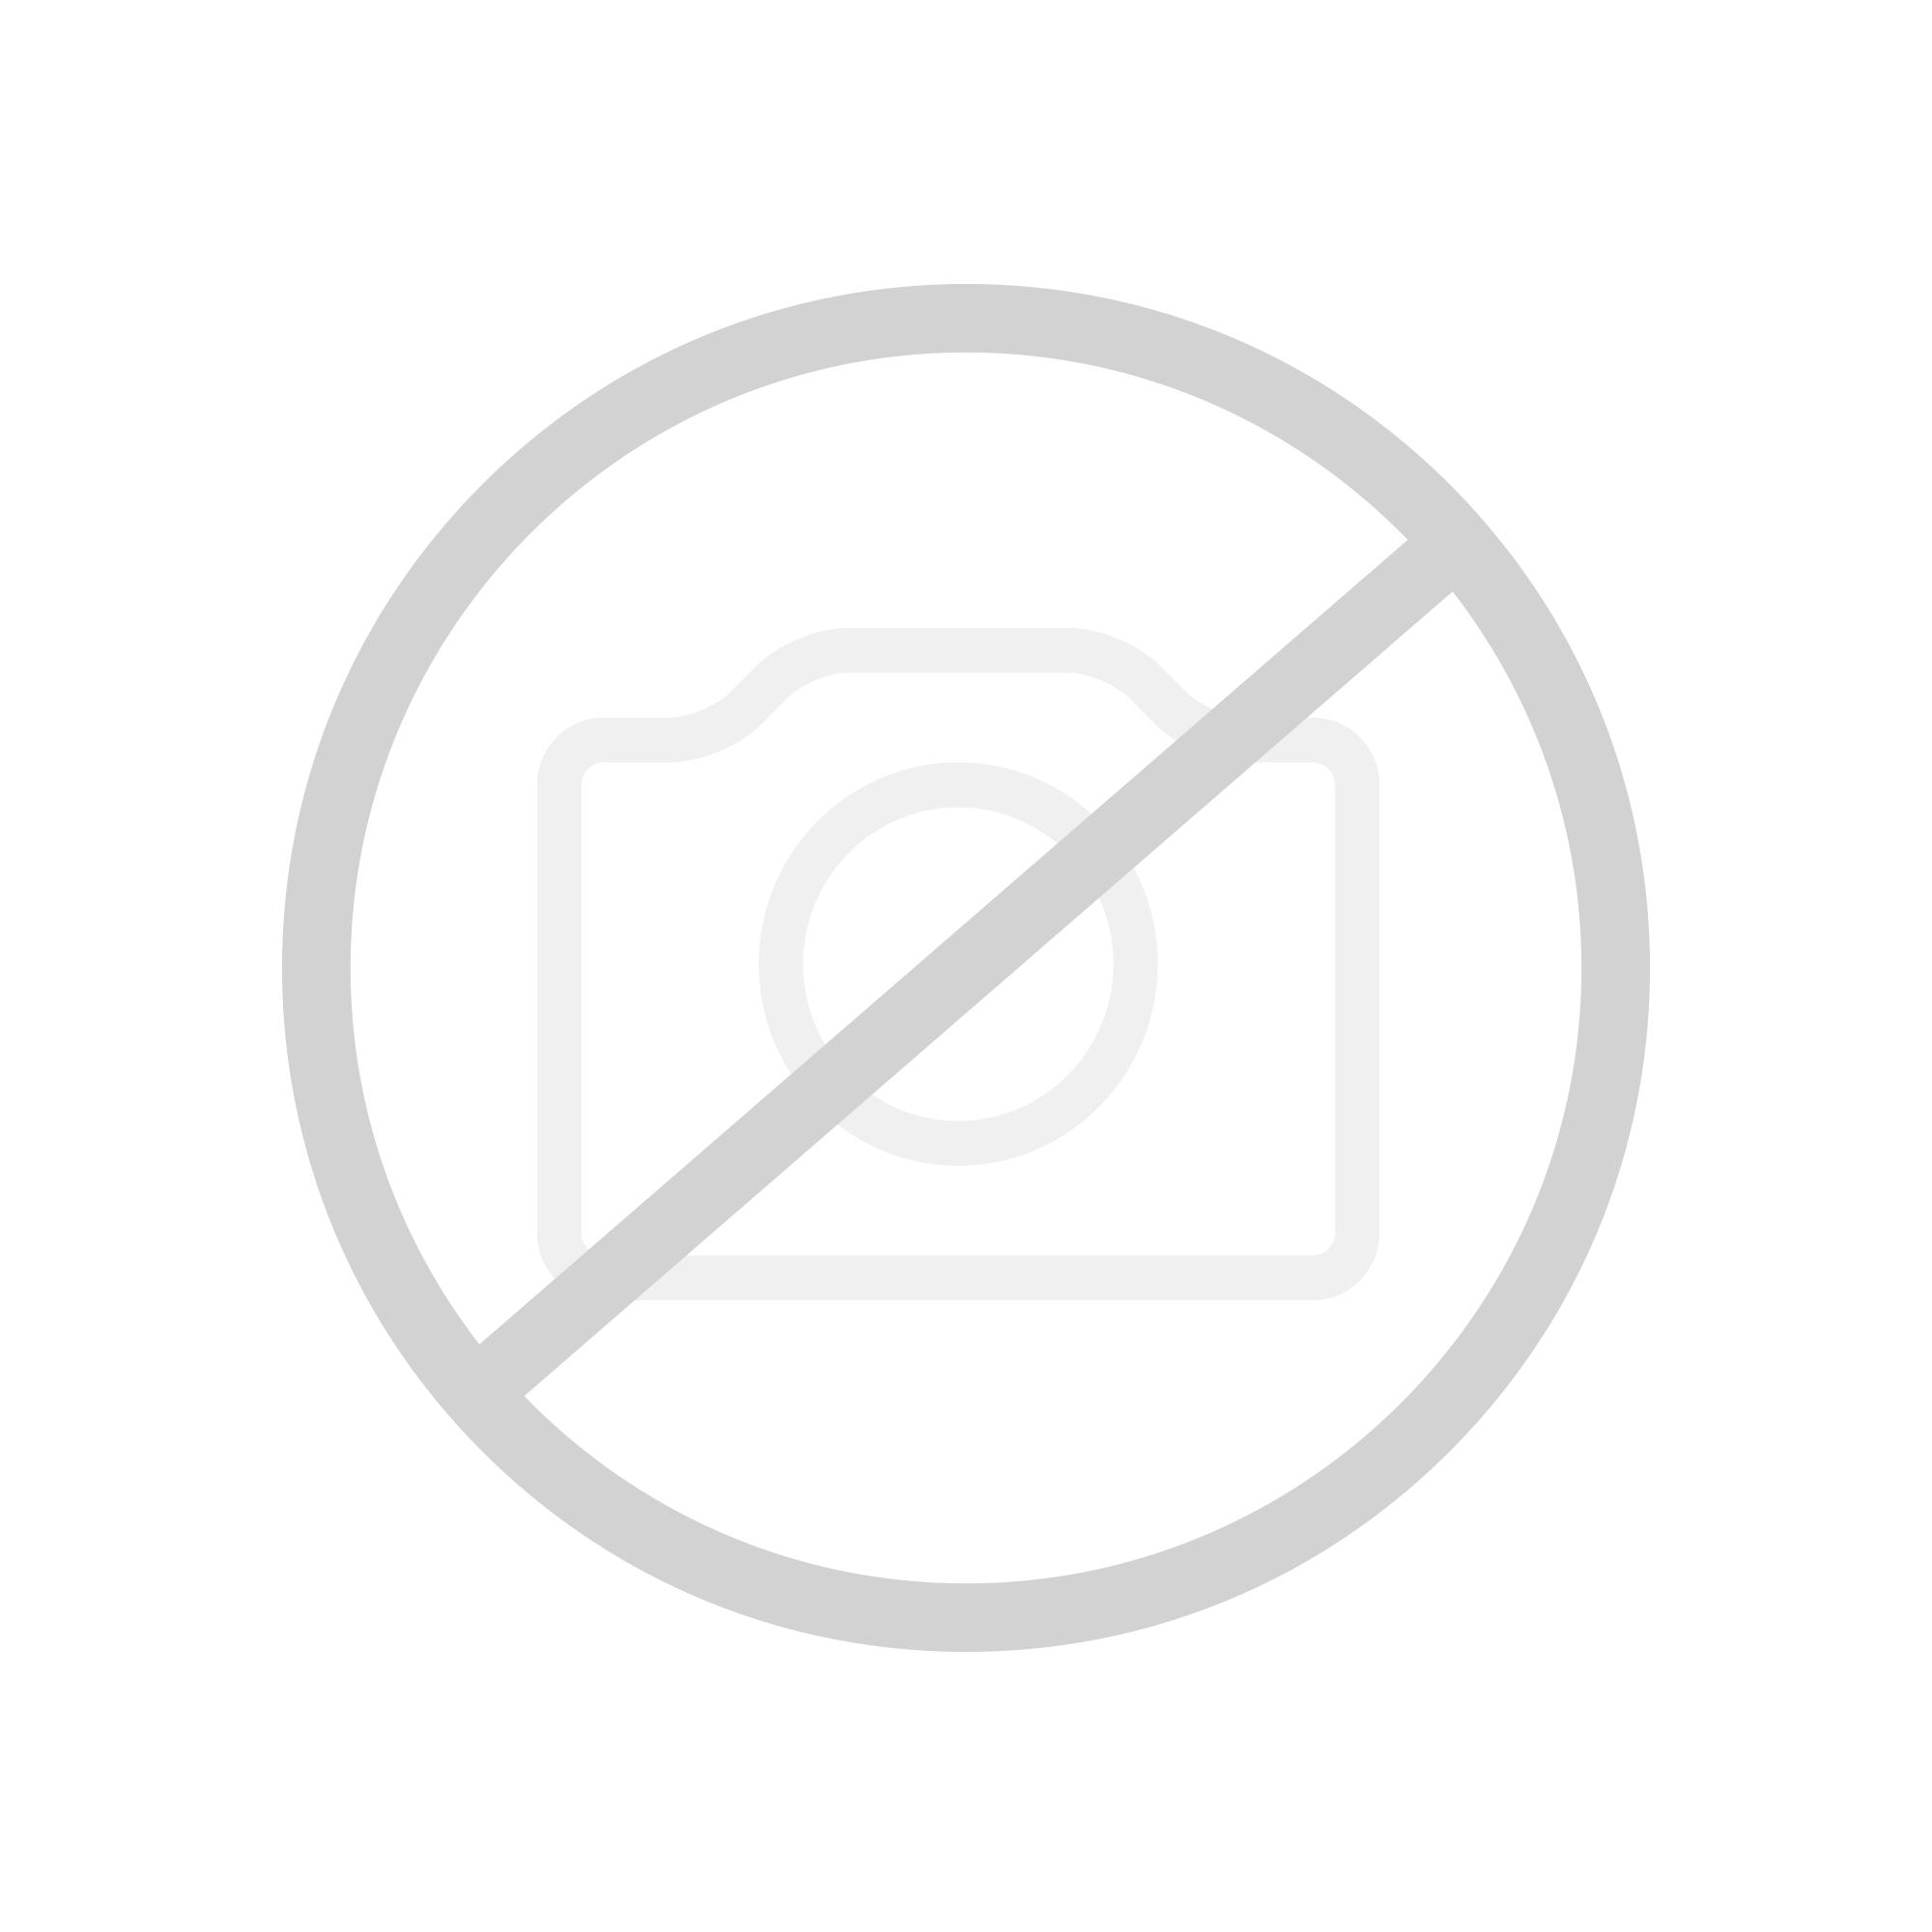 hansgrohe axor uno fixfit stop wandabsperrventil dn15 38882000 reuter onlineshop. Black Bedroom Furniture Sets. Home Design Ideas